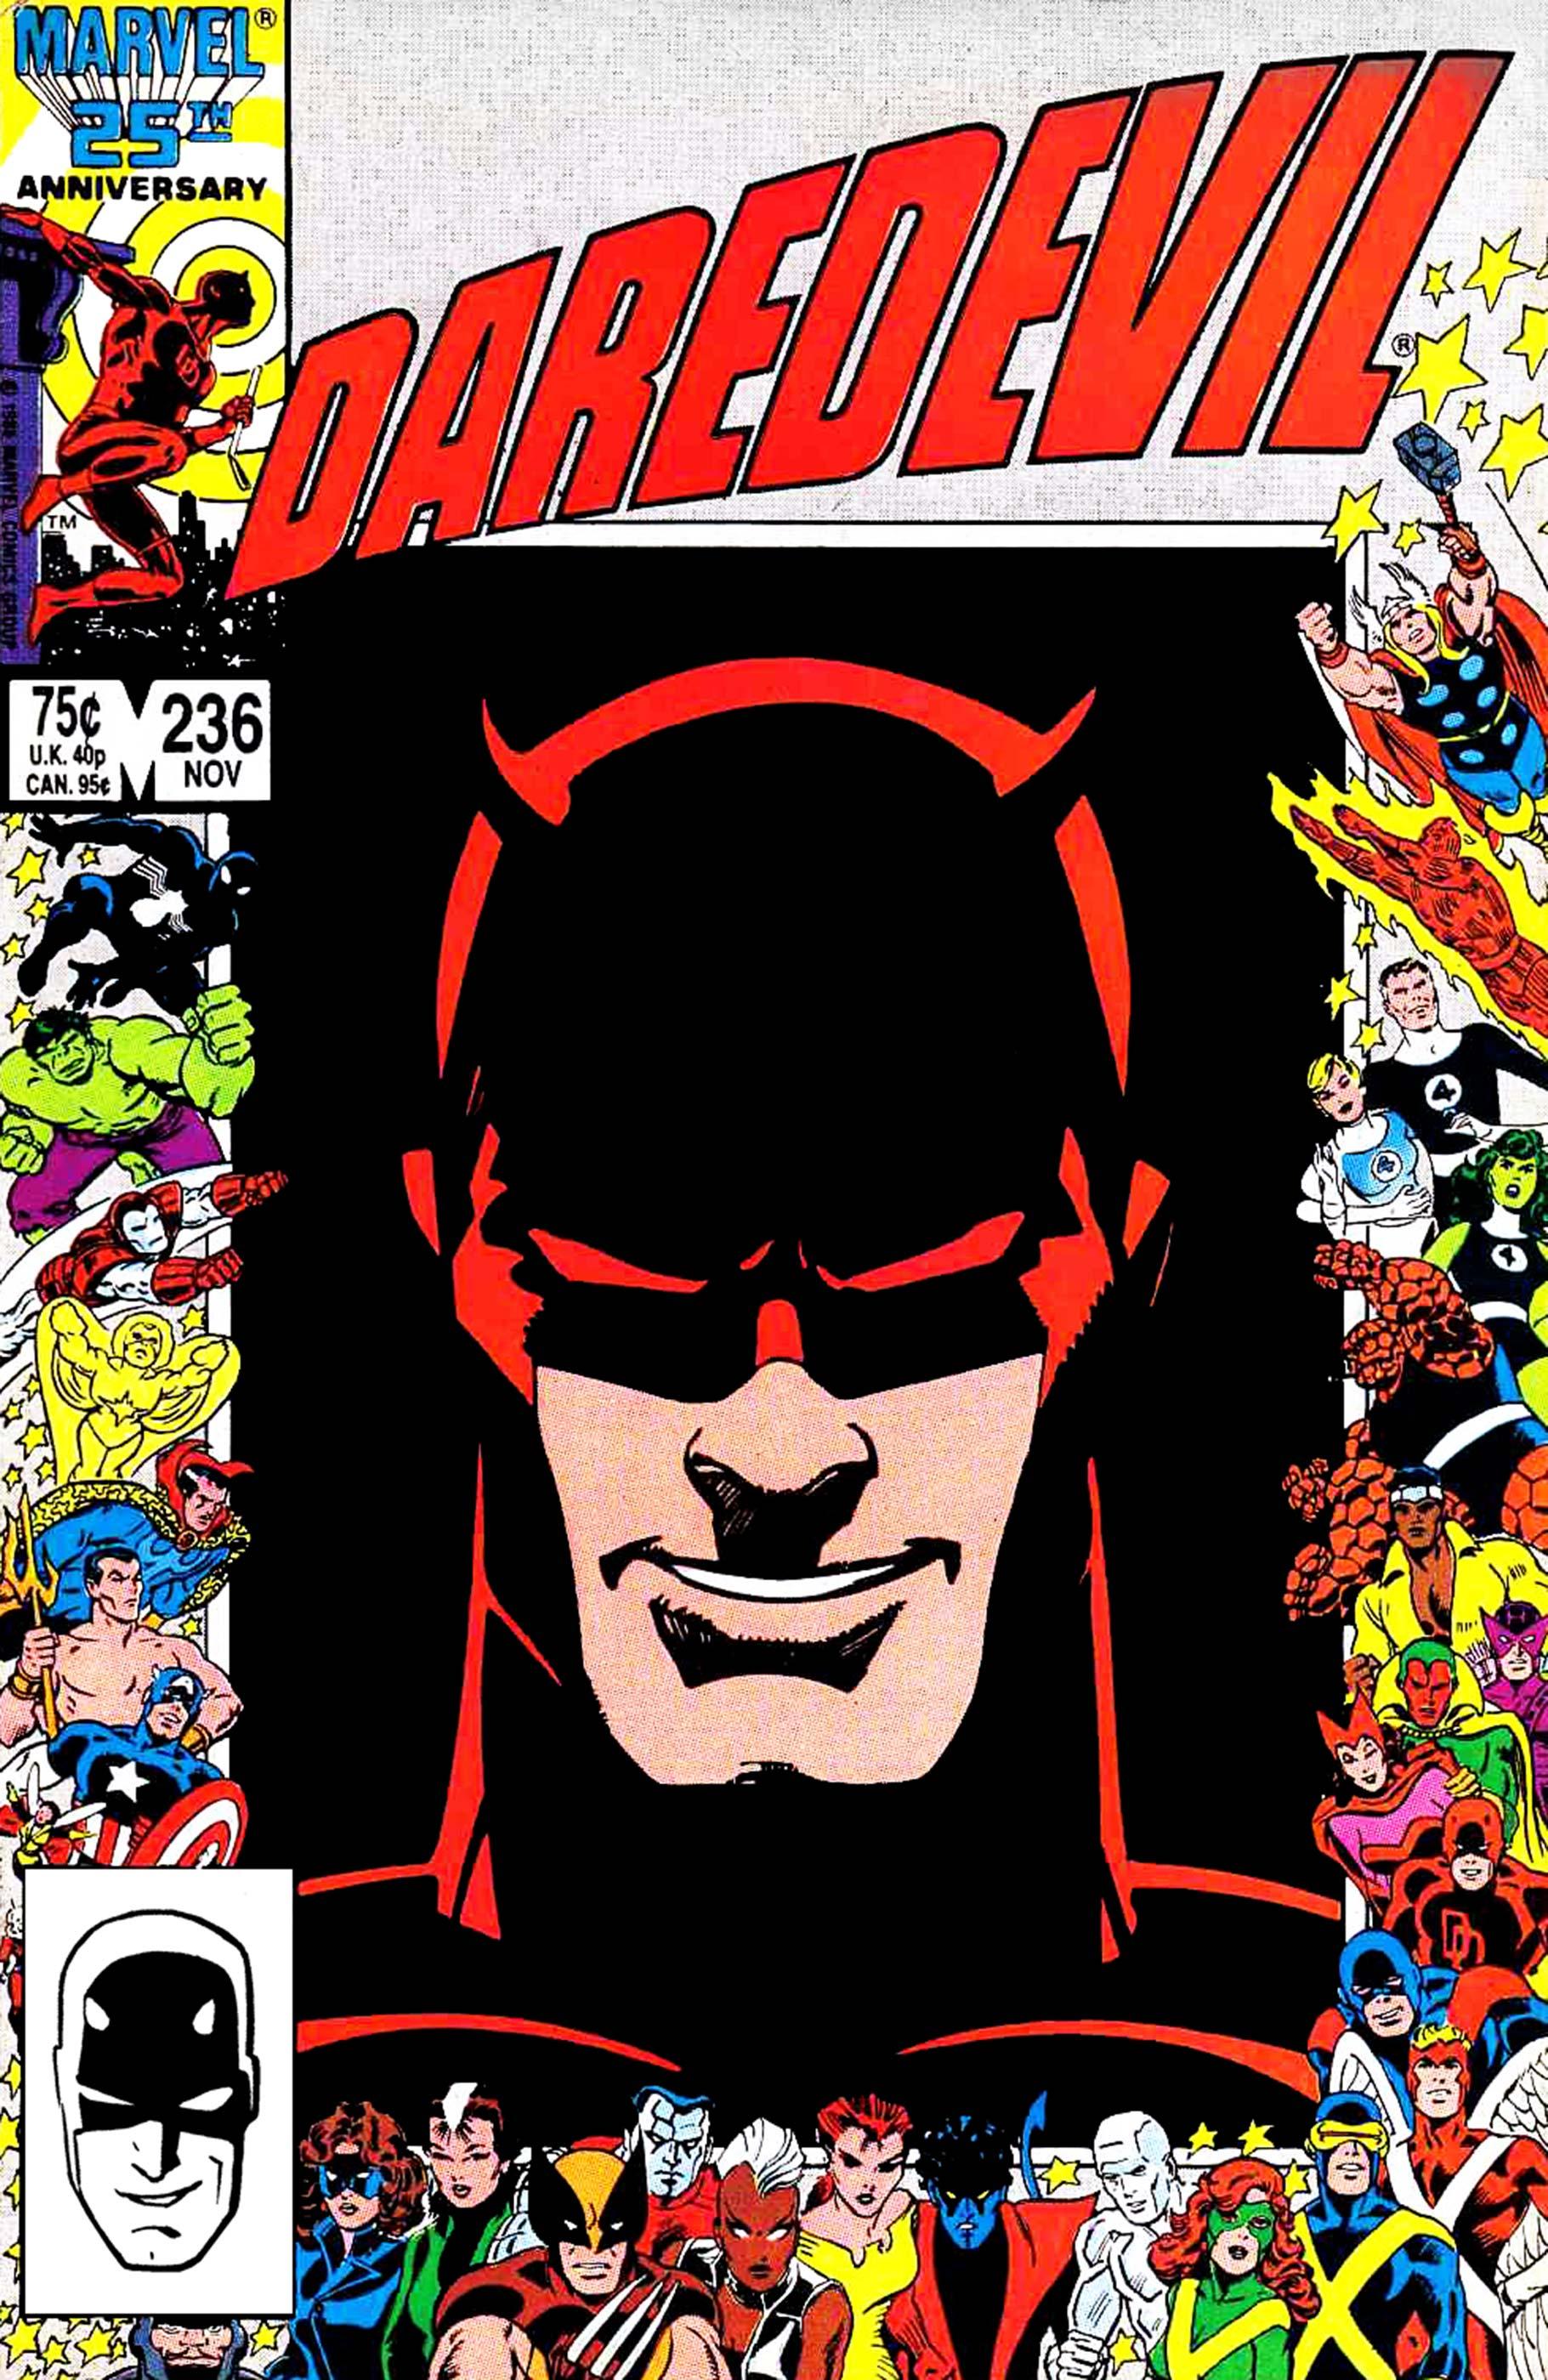 Daredevil (1964) #236